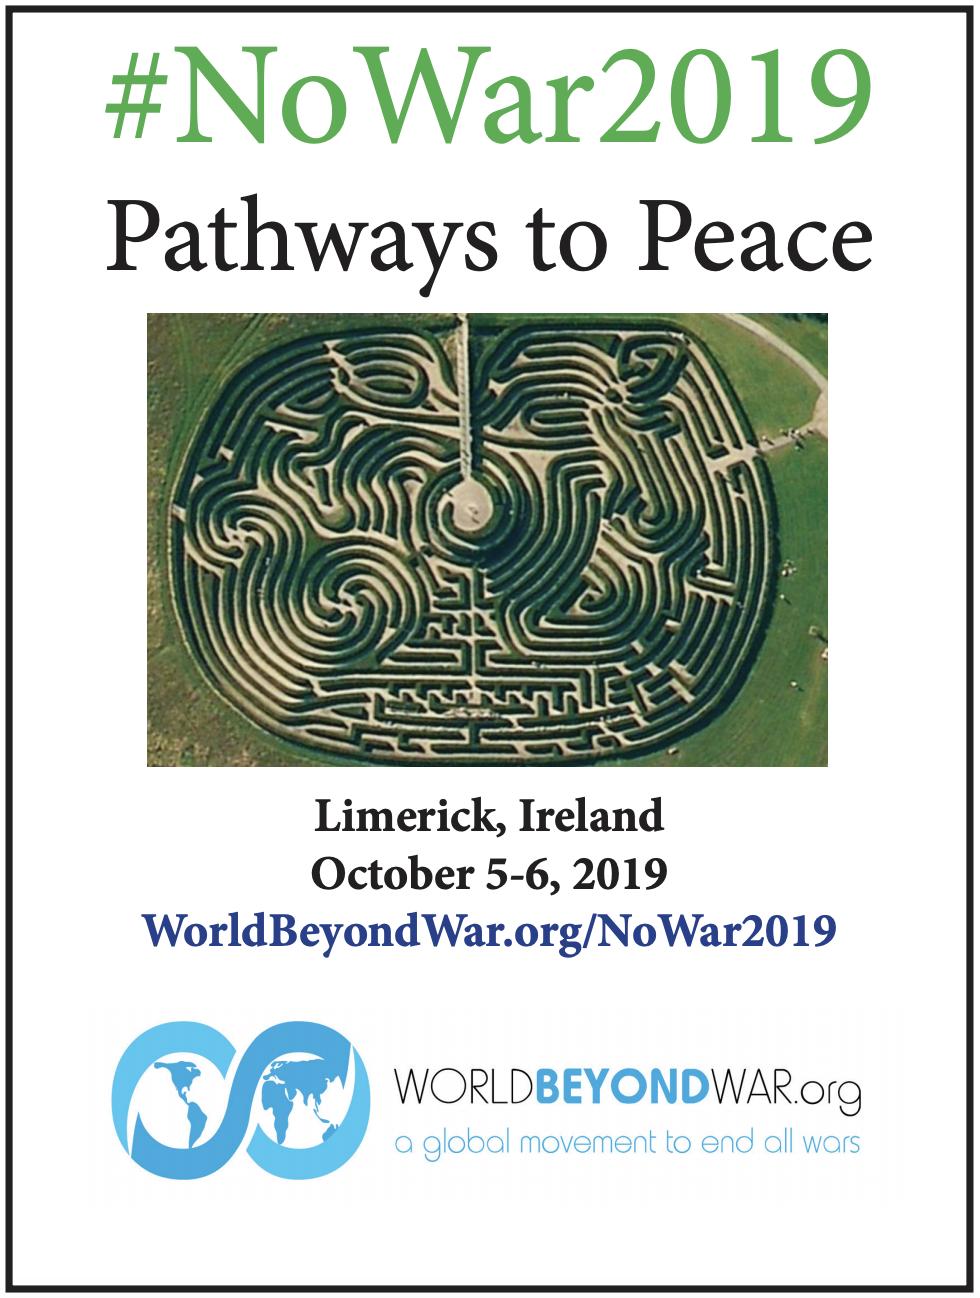 #NoWar2019 conferencia de Caminos hacia la paz en Limerick, Irlanda Octubre 5-6 2019